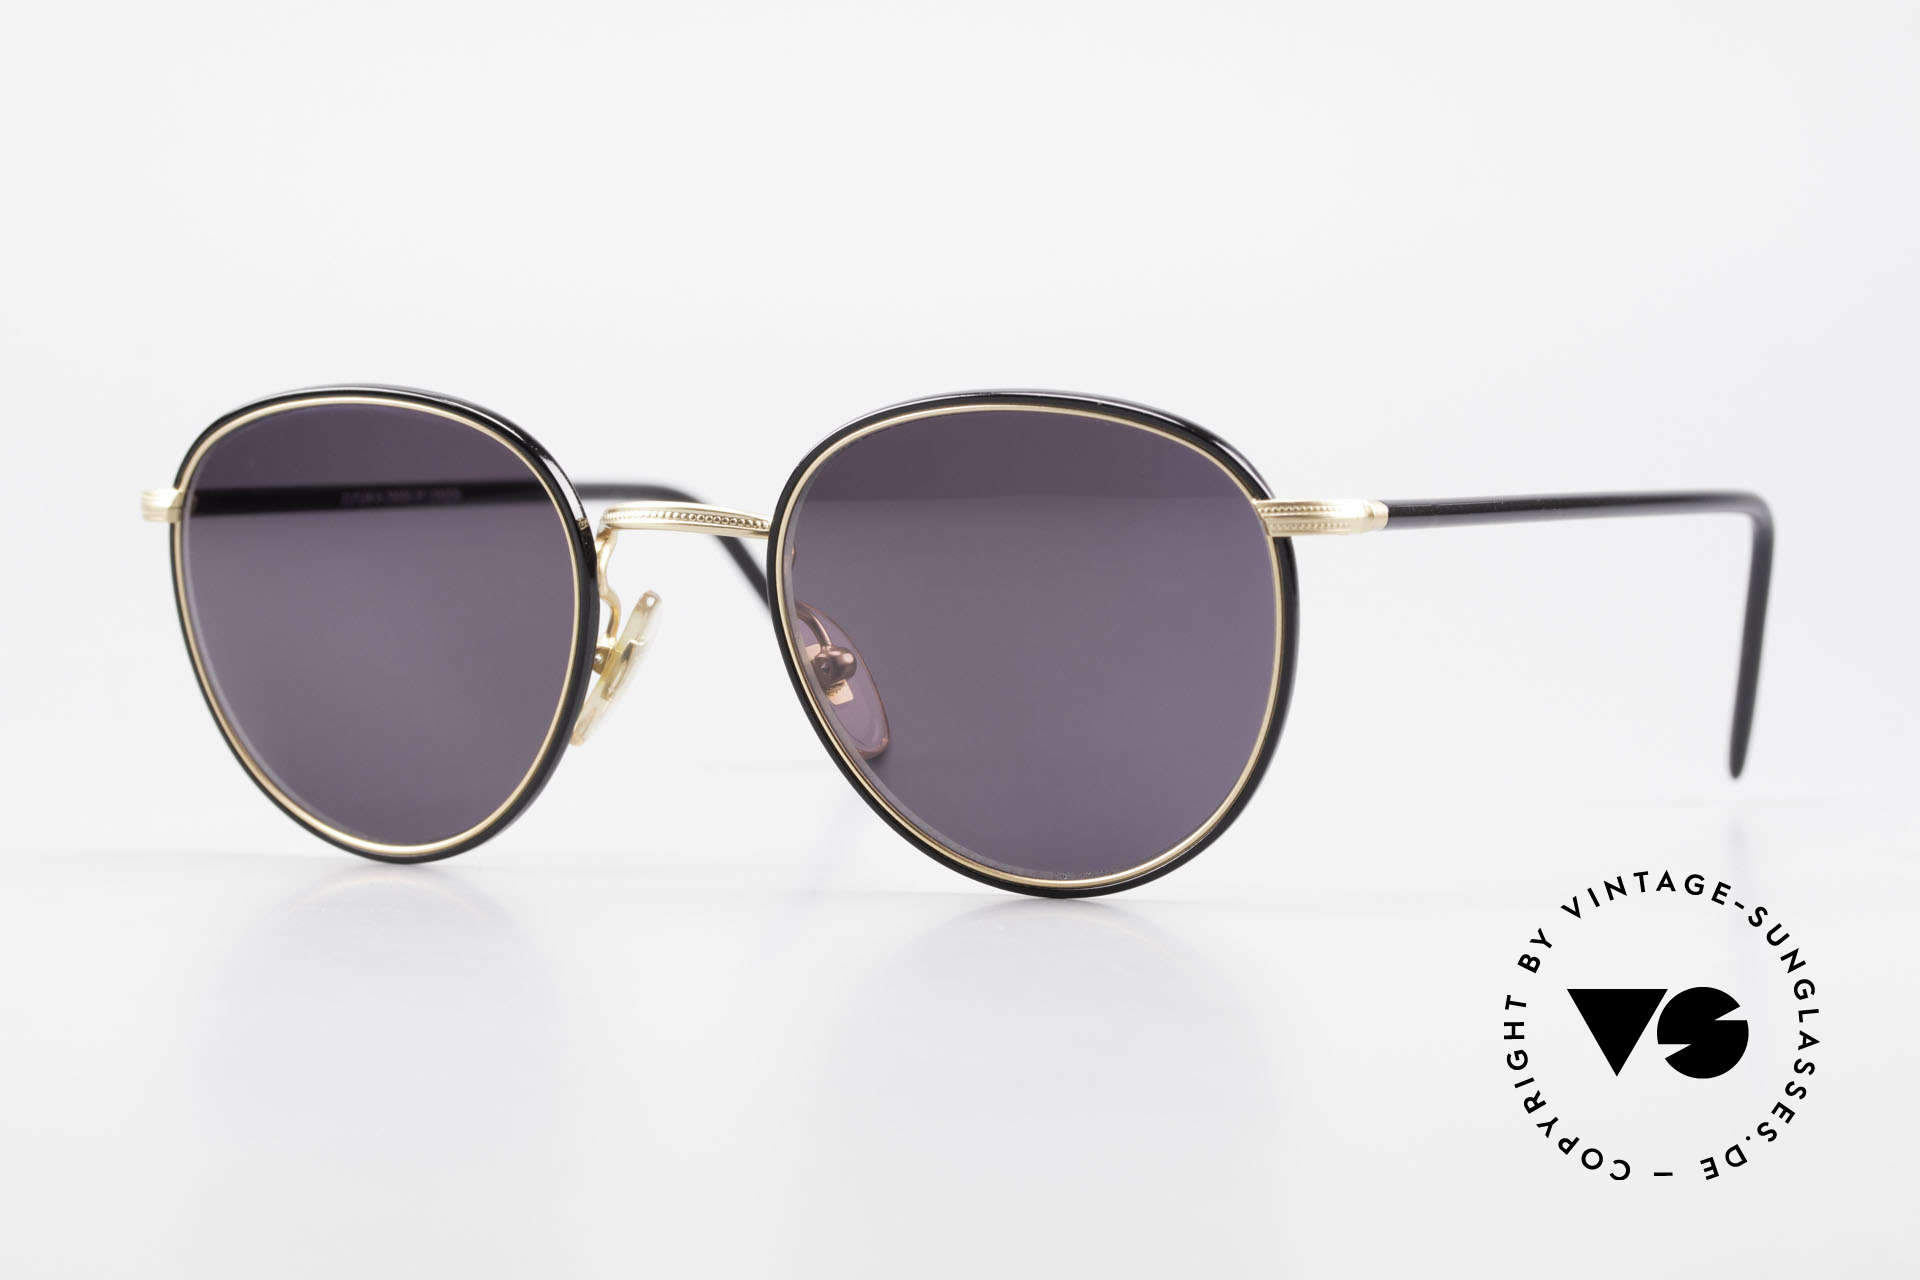 Cutler And Gross 0352 Vintage Panto Sonnenbrille, Cutler & Gross London Designerbrille der späten 90er, Passend für Herren und Damen